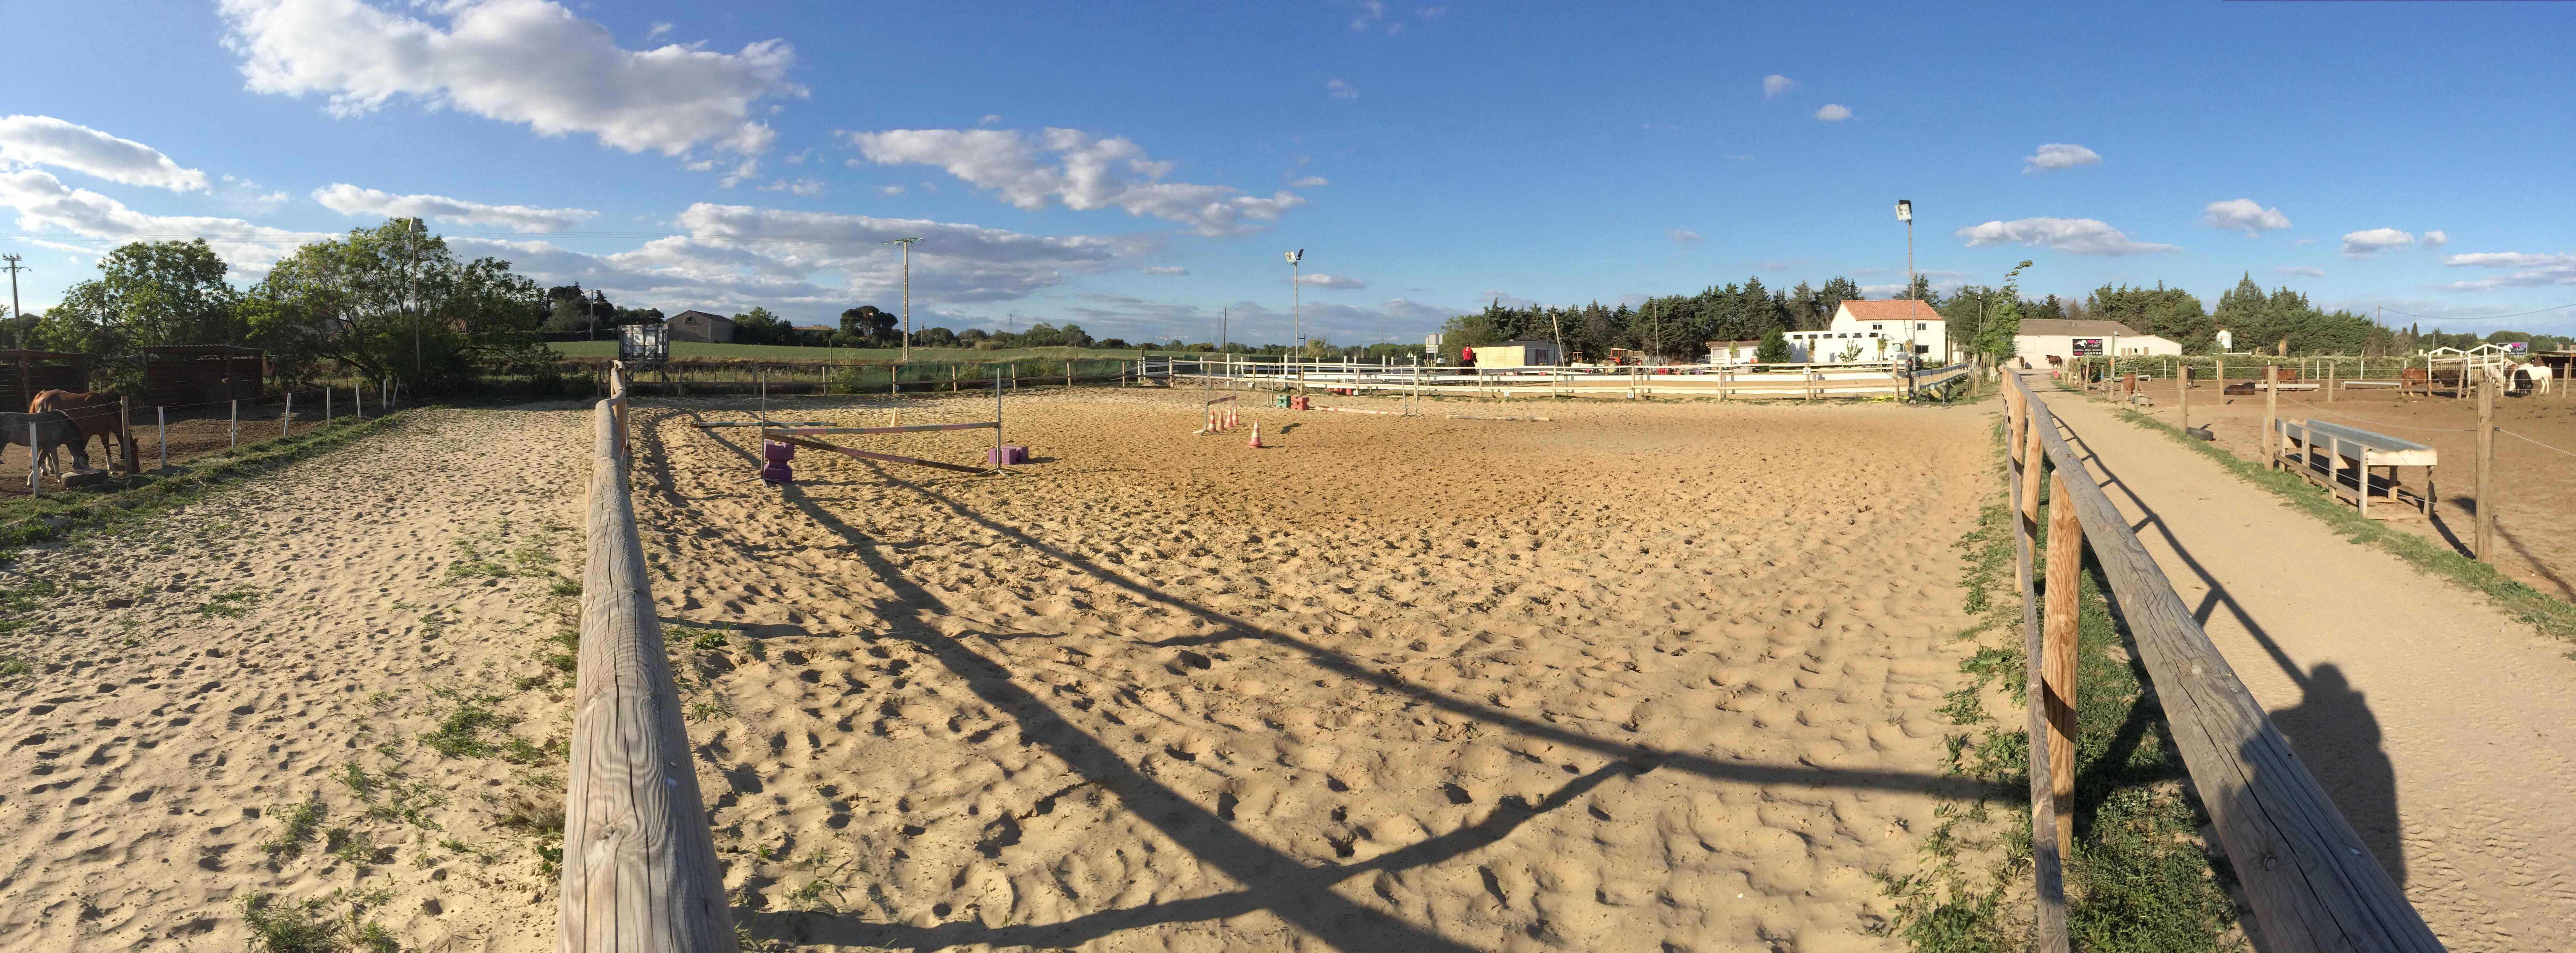 panoramique de la carrière du poney club d'axelle